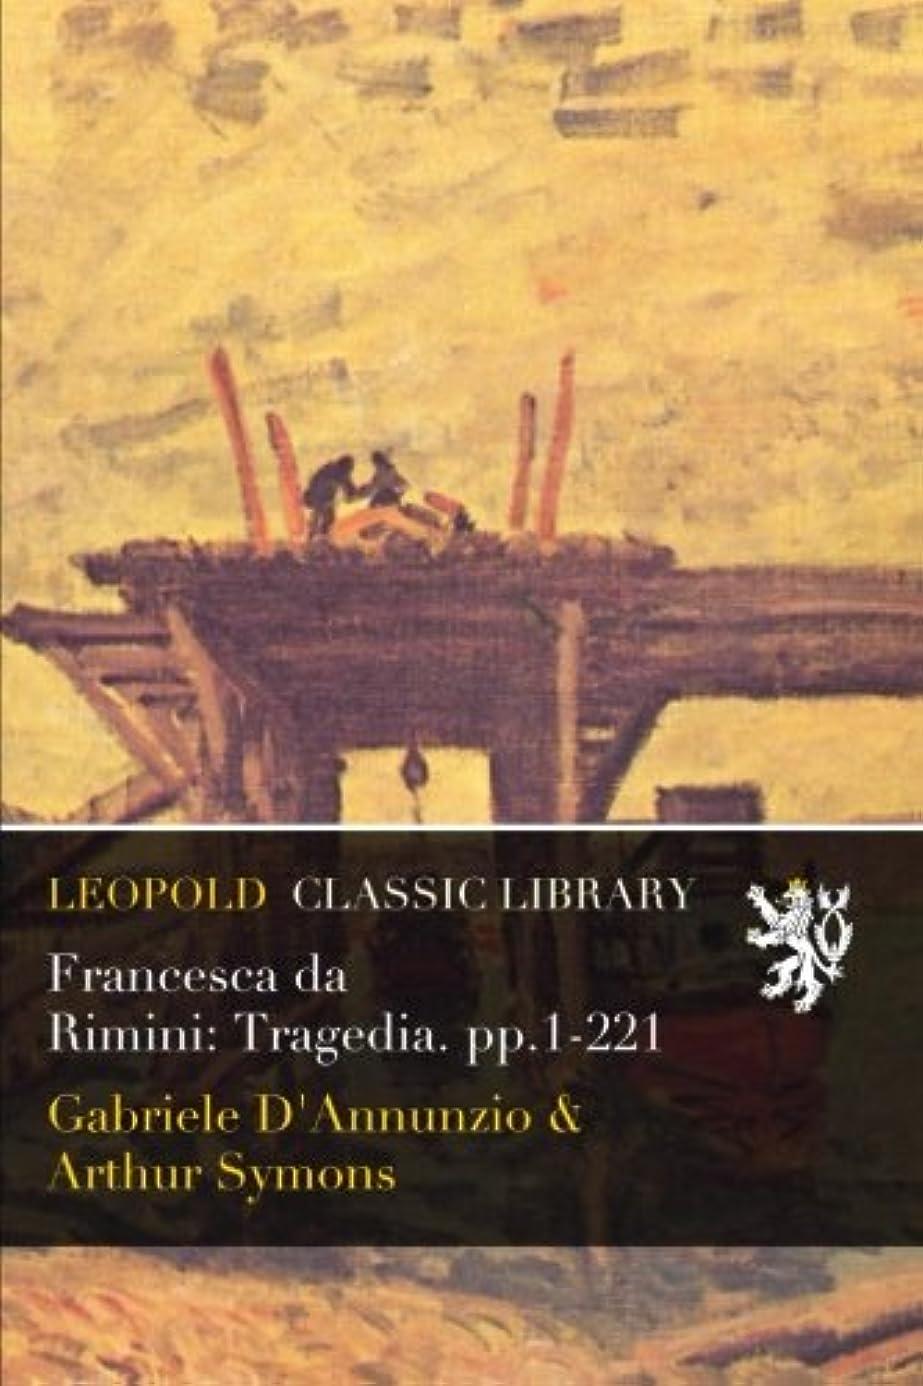 チャートその結果シャンパンFrancesca da Rimini: Tragedia. pp.1-221